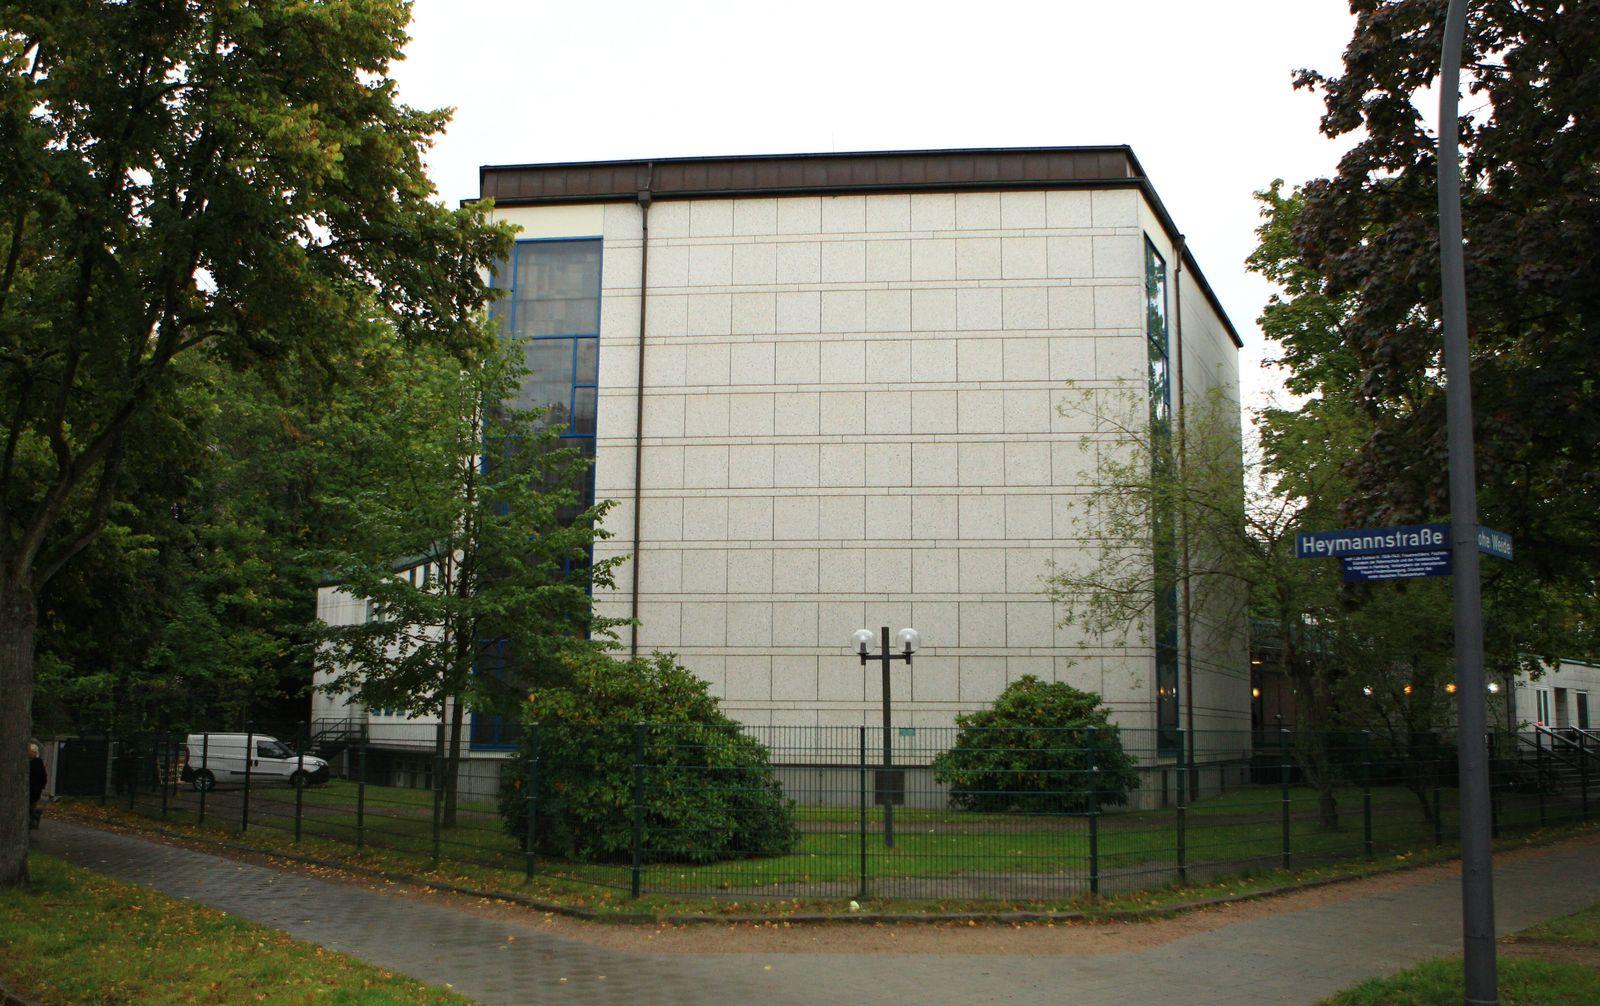 Die Synagoge Hohe Weide in Hamburg. Am Sonntag, 4. Oktober, war vor der Synagoge in Eimsbüttel ein jüdischer Student vo